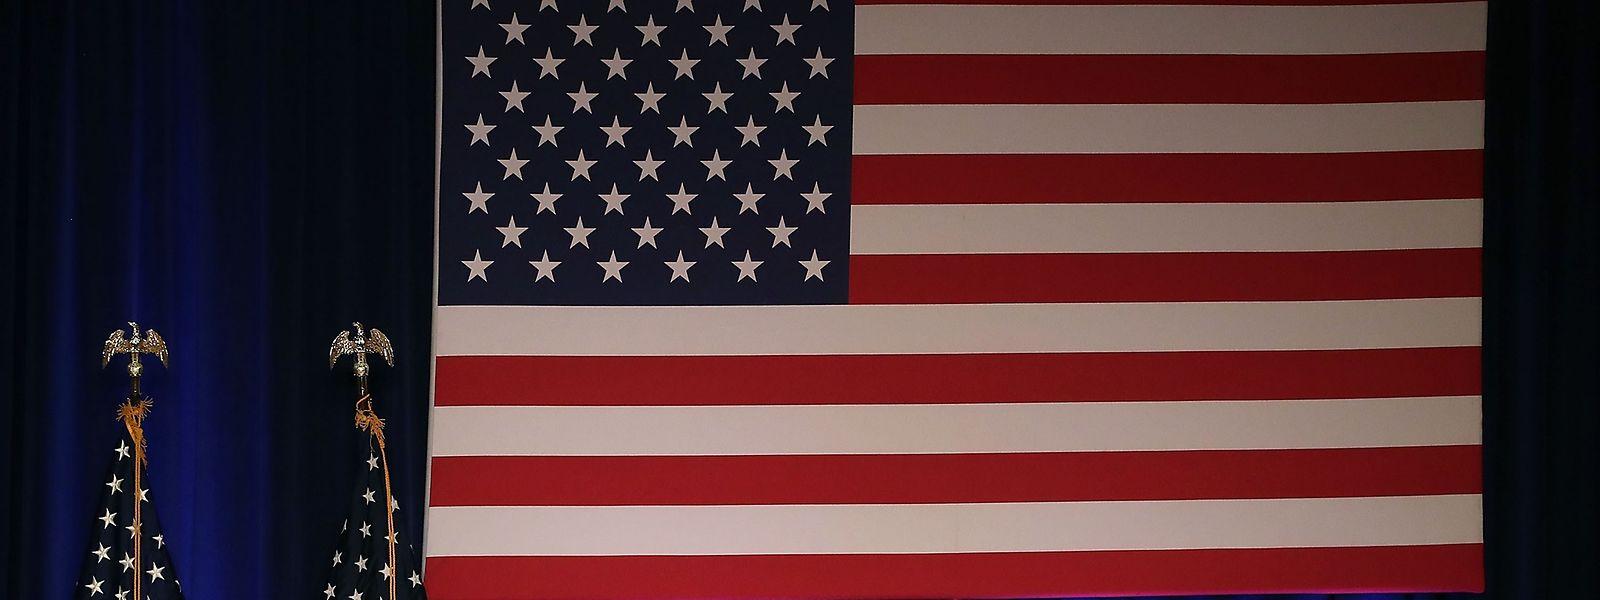 Trumps Strategie beruht auf vier Säulen: dem Schutz des US-Heimatlandes, der Förderung amerikanischen Wohlstandes und wirtschaftlicher Sicherheit, Friedenssicherung durch militärische Stärke und einer Vergrößerung des amerikanischen Einflusses in der Welt.